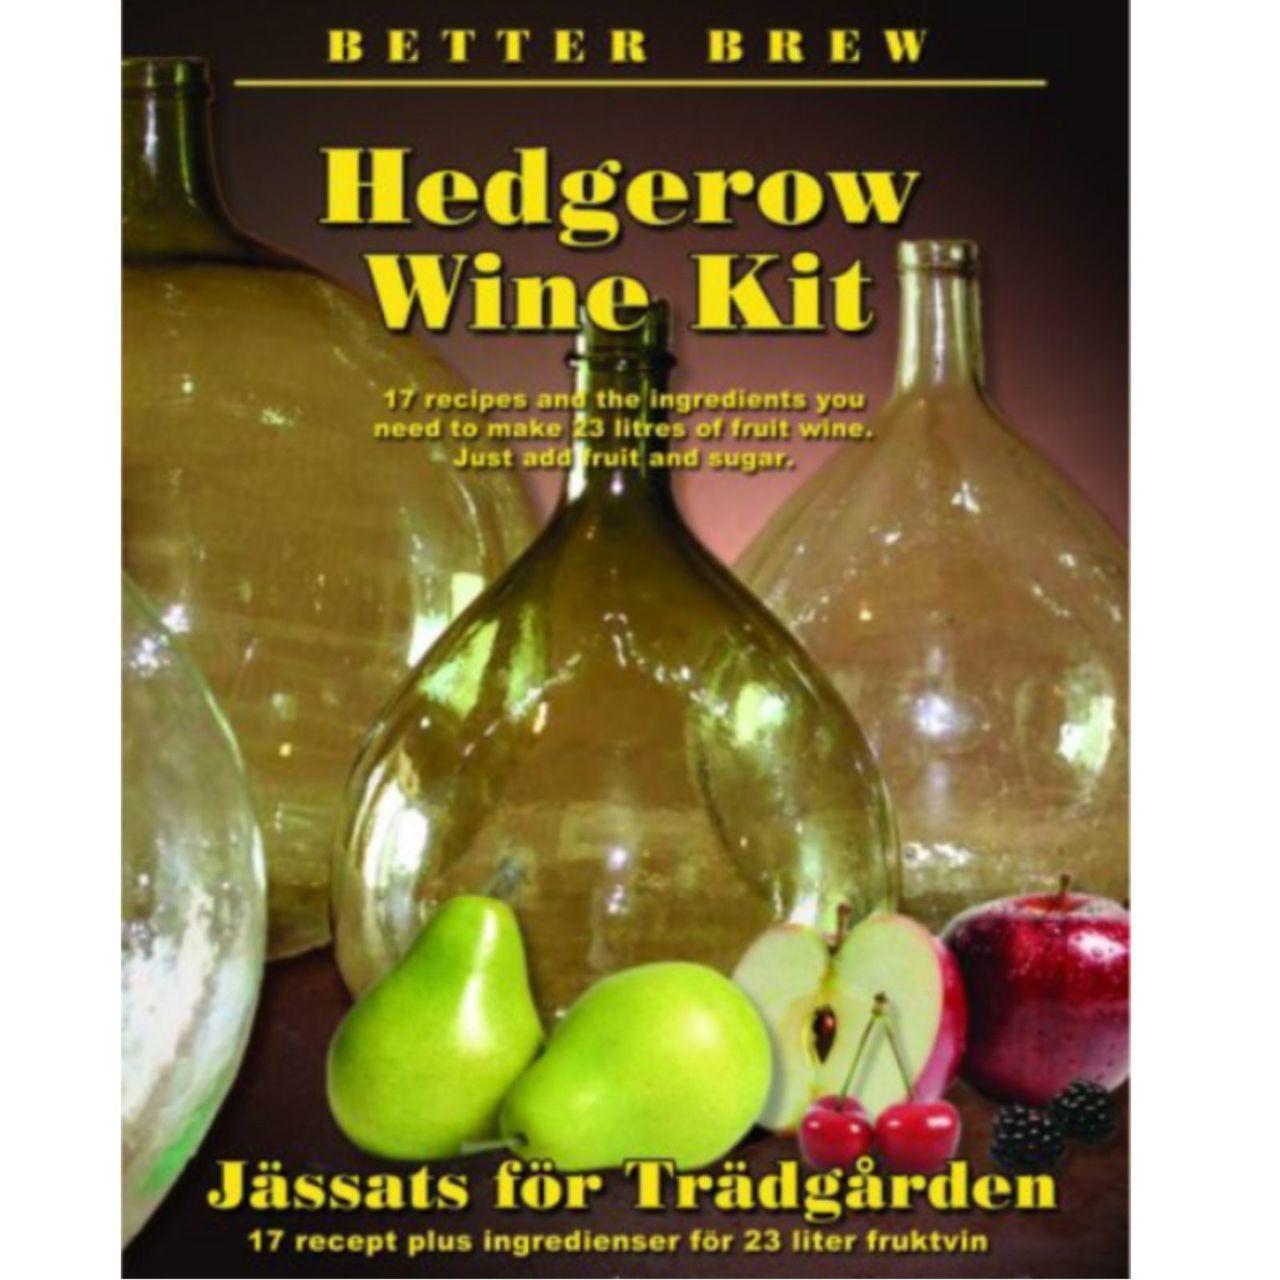 Hedgerow Wine Kit